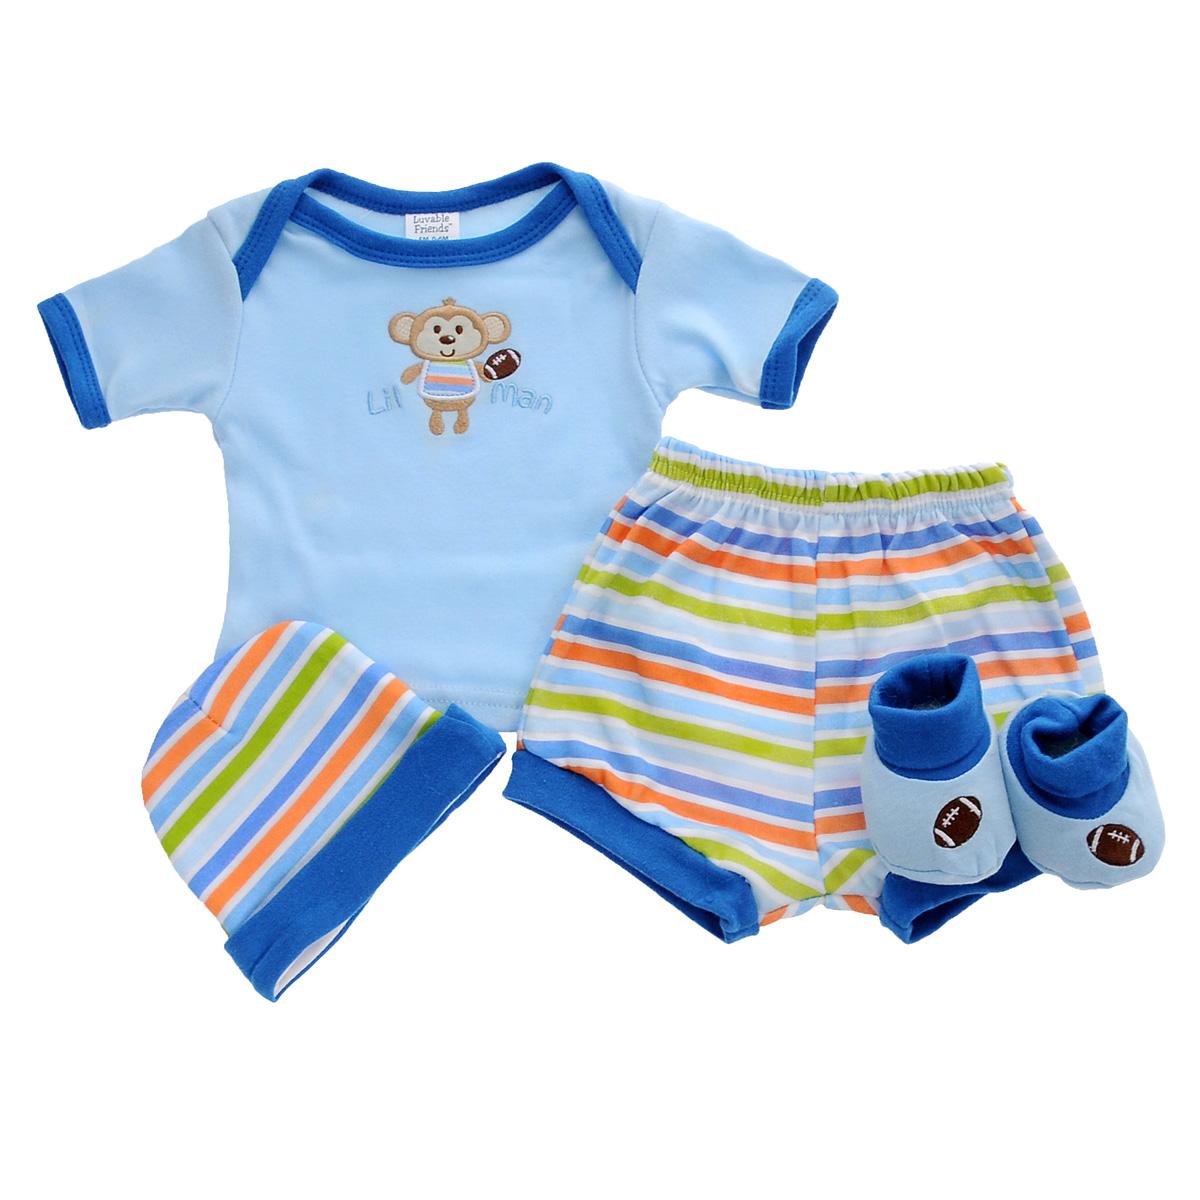 Подарочный комплект для новорожденного: футболка, шорты, шапочка, пинетки. 0701507015Комплект для новорожденного Luvable Friends - это замечательный подарок, который прекрасно подойдет для первых дней жизни малыша. Комплект состоит из футболки, шортиков, шапочки и пинеток. Изготовленный из натурального хлопка, он необычайно мягкий и приятный на ощупь, не сковывает движения малыша и позволяет коже дышать, не раздражает даже самую нежную и чувствительную кожу ребенка, обеспечивая ему наибольший комфорт. Удобная футболка с круглым вырезом горловины и короткими рукавами имеет специальные запахи на плечах, что значительно облегчает процесс переодевания ребенка. На груди она оформлена забавной вышивкой. Шортики фонарики благодаря мягкому эластичному поясу не сдавливают животик малыша и не сползают, обеспечивая ему наибольший комфорт, идеально подходят для ношения с подгузником и без него. Мягкая шапочка с отворотом, необходимая любому младенцу, защищает еще не заросший родничок, щадит чувствительный слух малыша, прикрывая ушки, и предохраняет от...